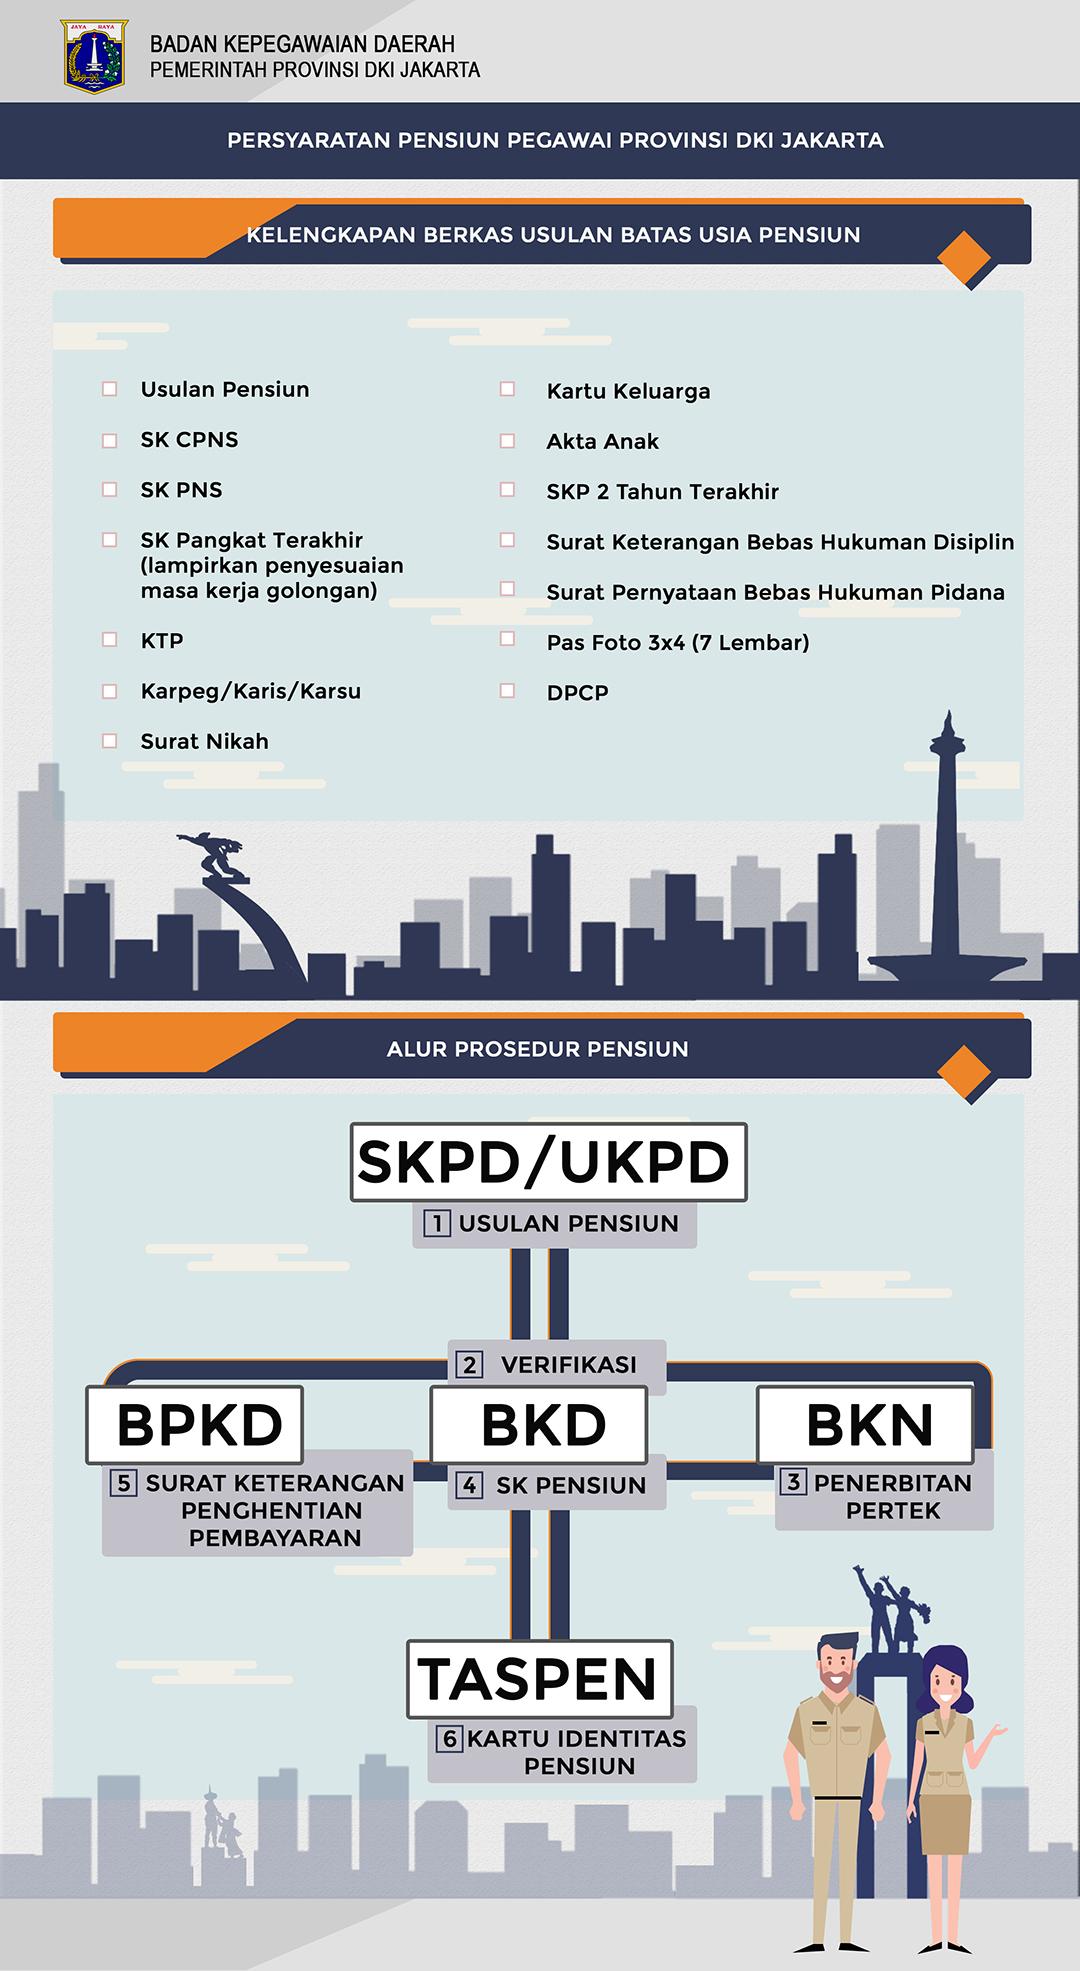 Infografis Persyaratan Pensiun Pegawai Provinsi DKI Jakarta